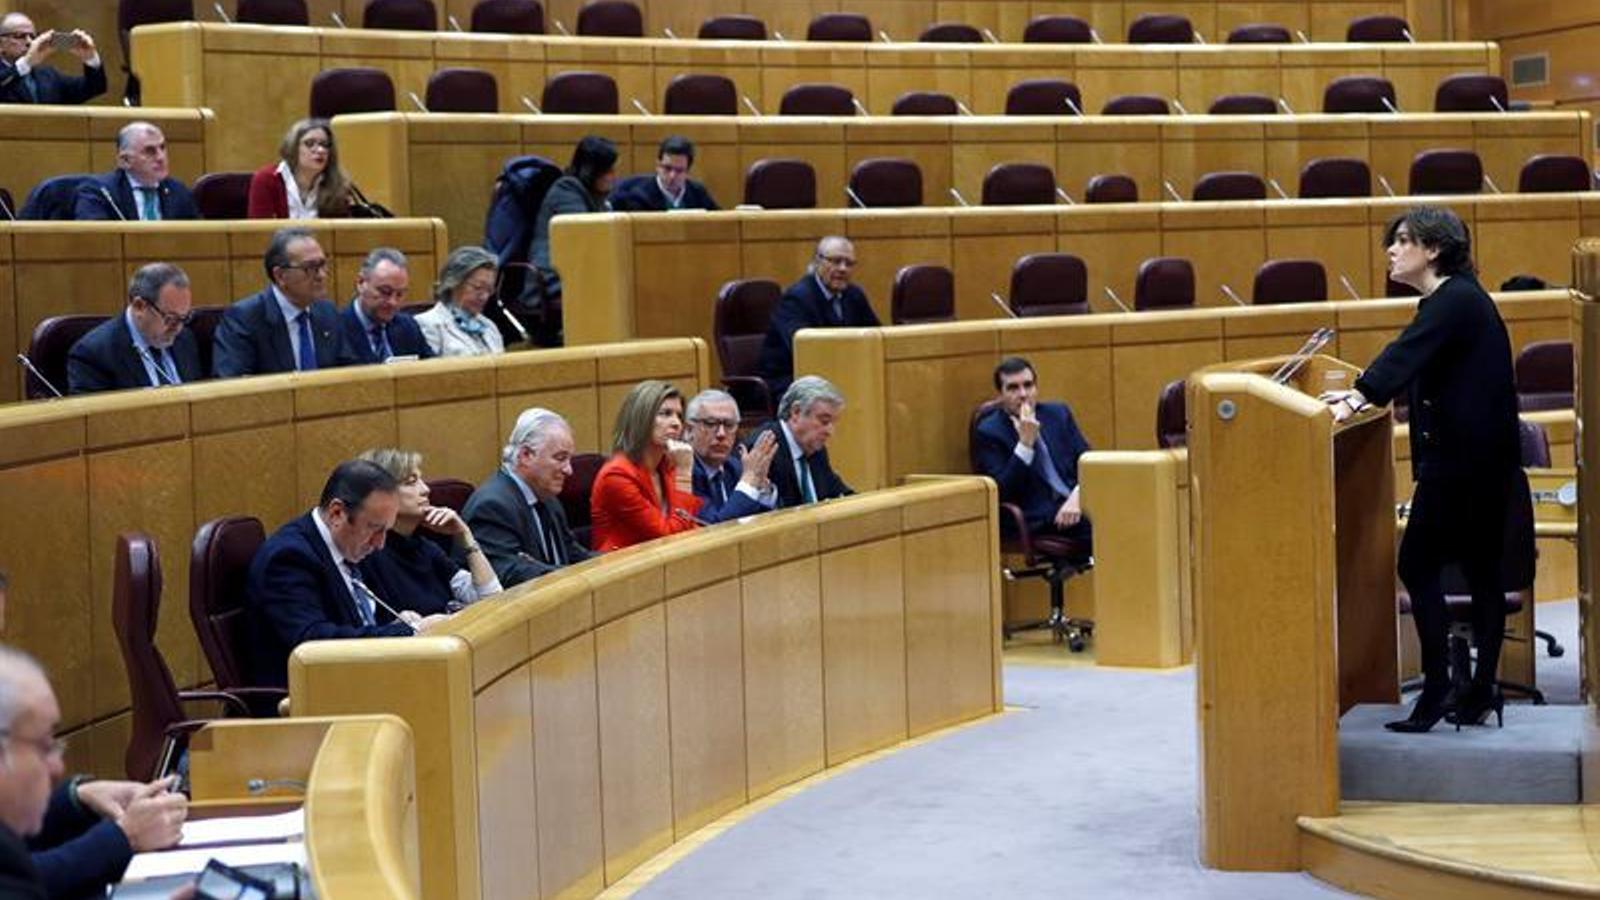 La vicepresidenta del govern espanyol, Soraya Sáenz de Santamaría, compareix al Senat per fer balanç de l'aplicació del 155